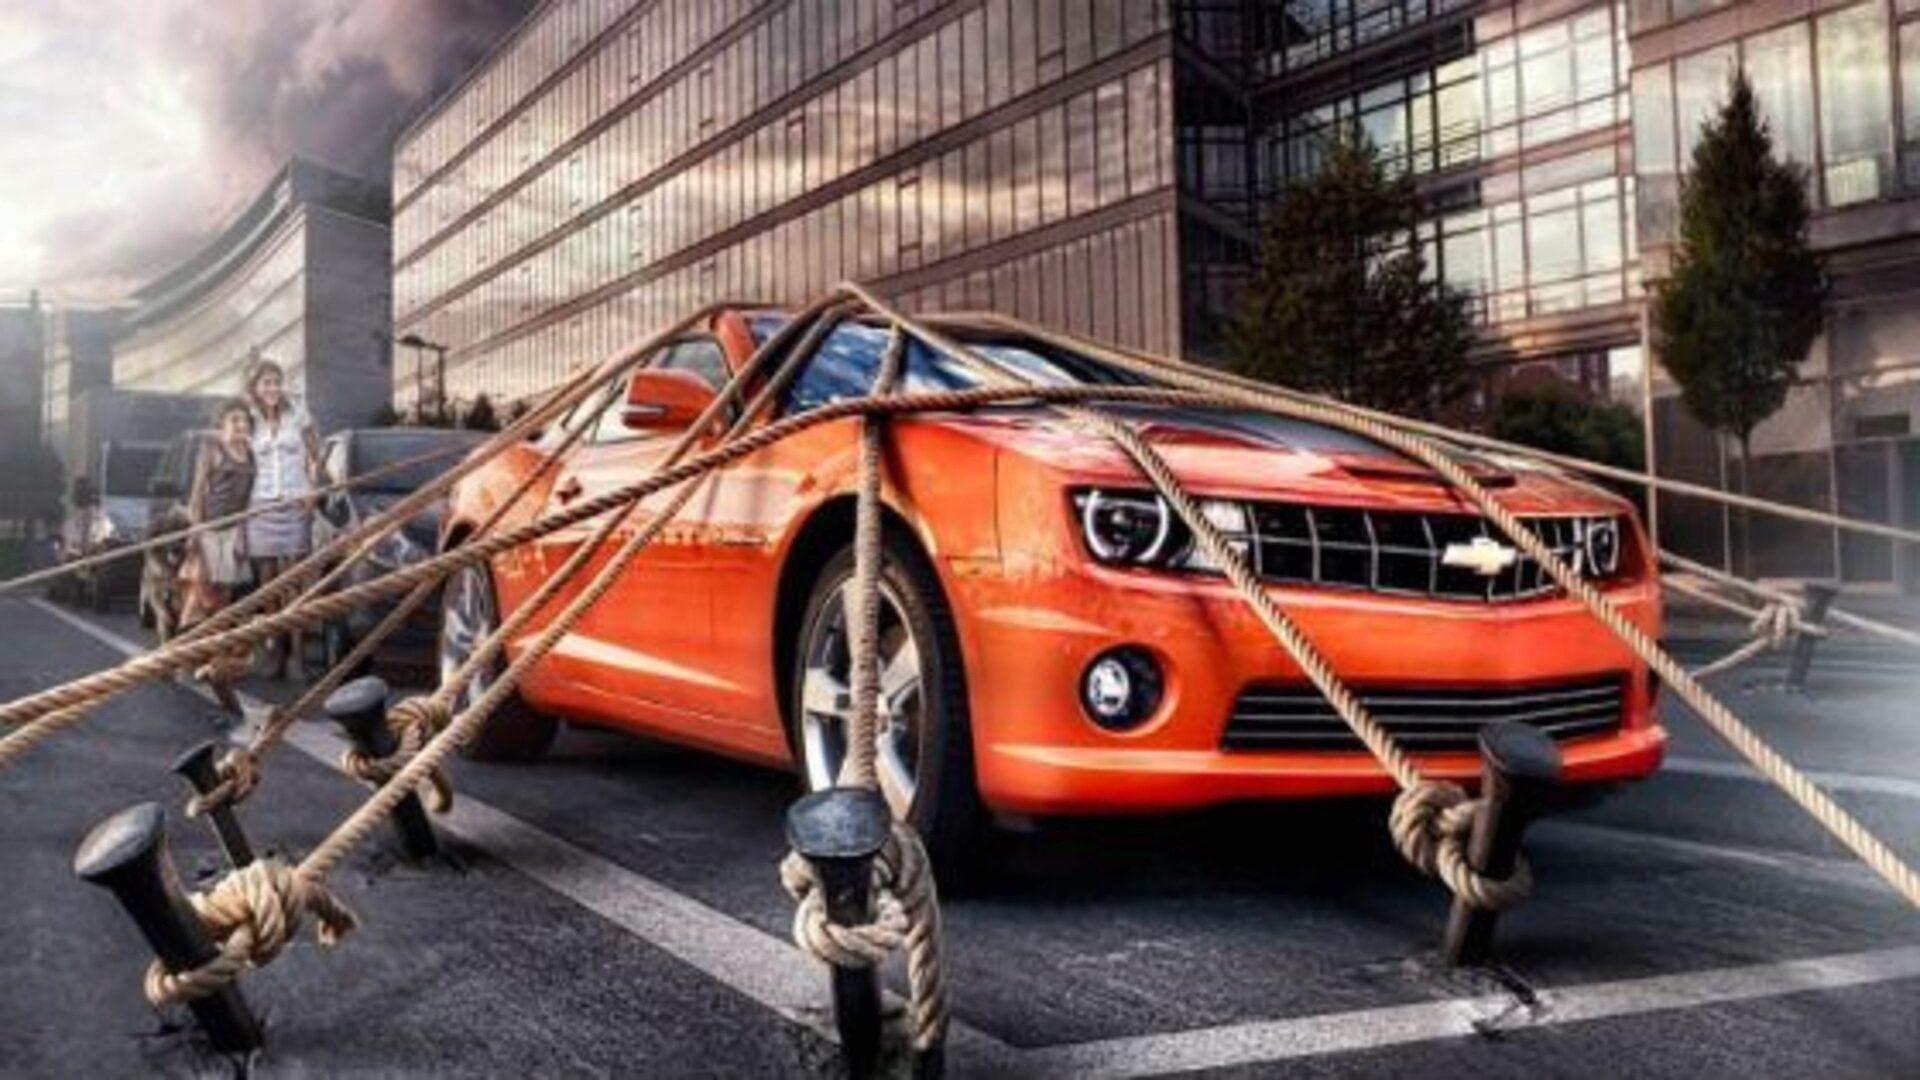 Страховка не вернет автомобиль, но компенсирует затраты